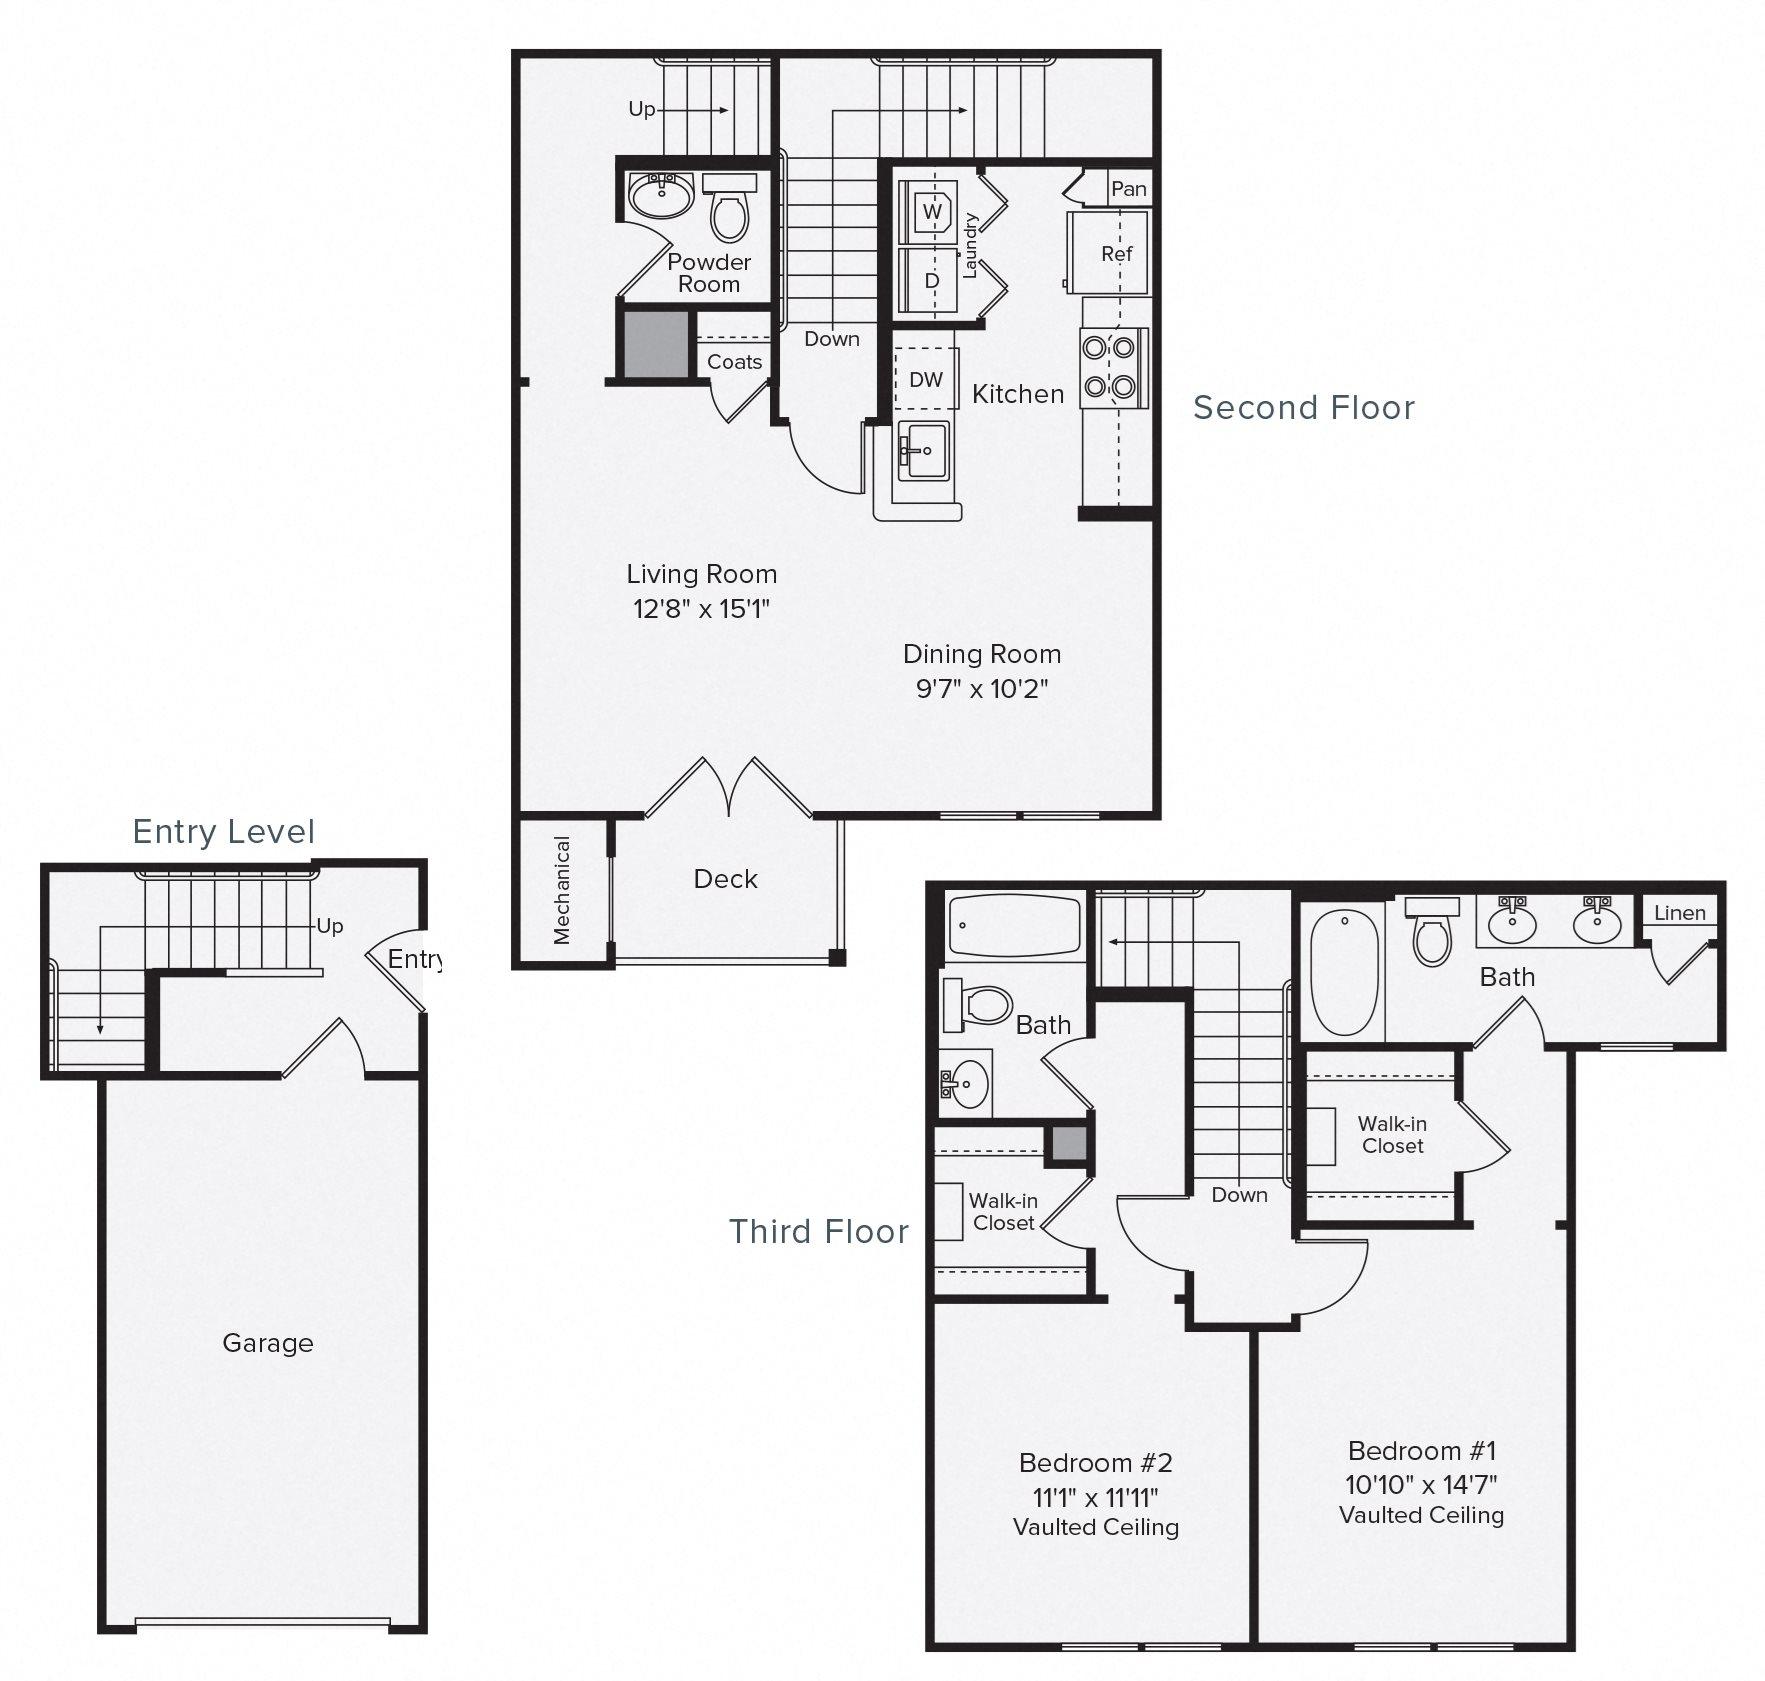 2F Floor Plan 7